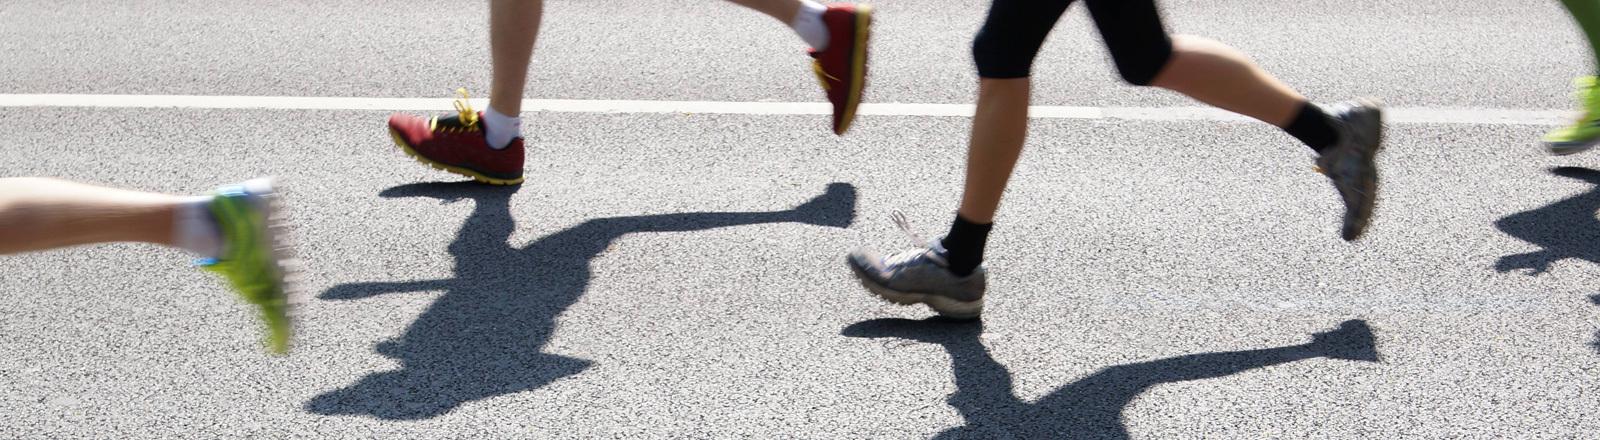 Läufer auf der Straße - man sieht nur die Schuhe.